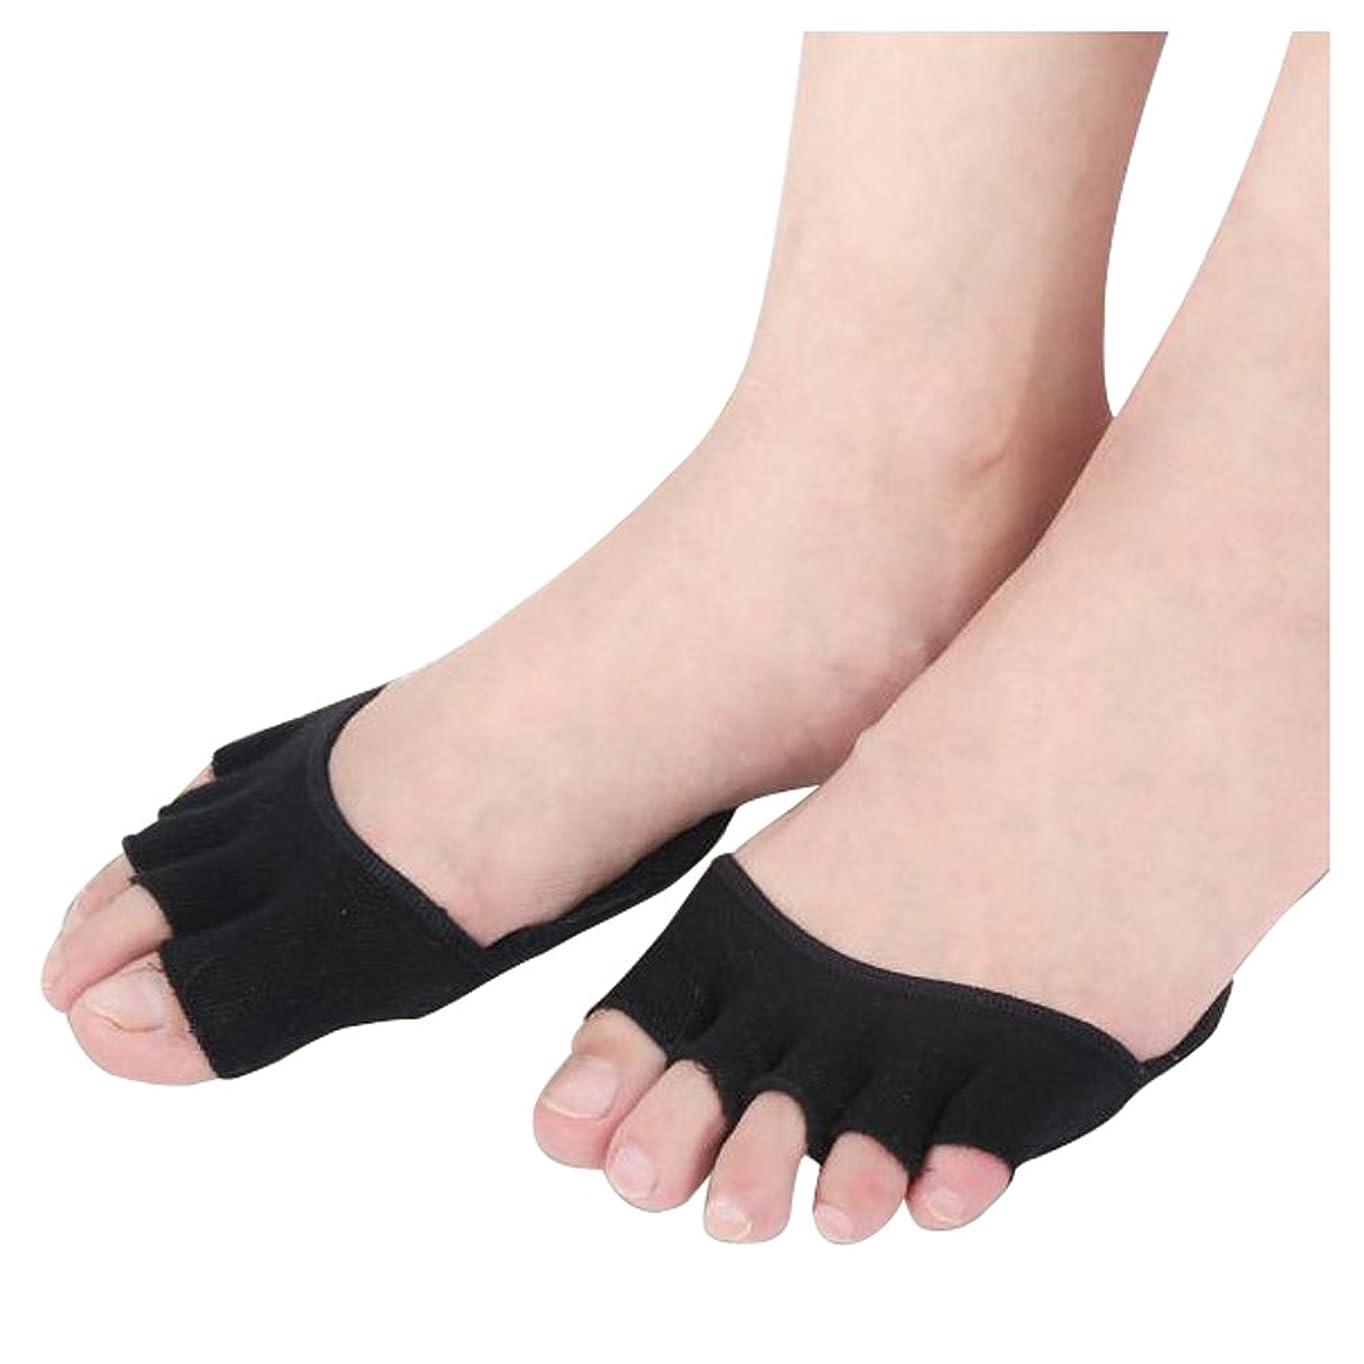 鋭く維持するスキャンpanaco ハイヒールソックス 5本指 クッション付き つま先 足指の摩擦 軽減 脱げにくい レディース セパレーターソックス (ブラック 指なし)